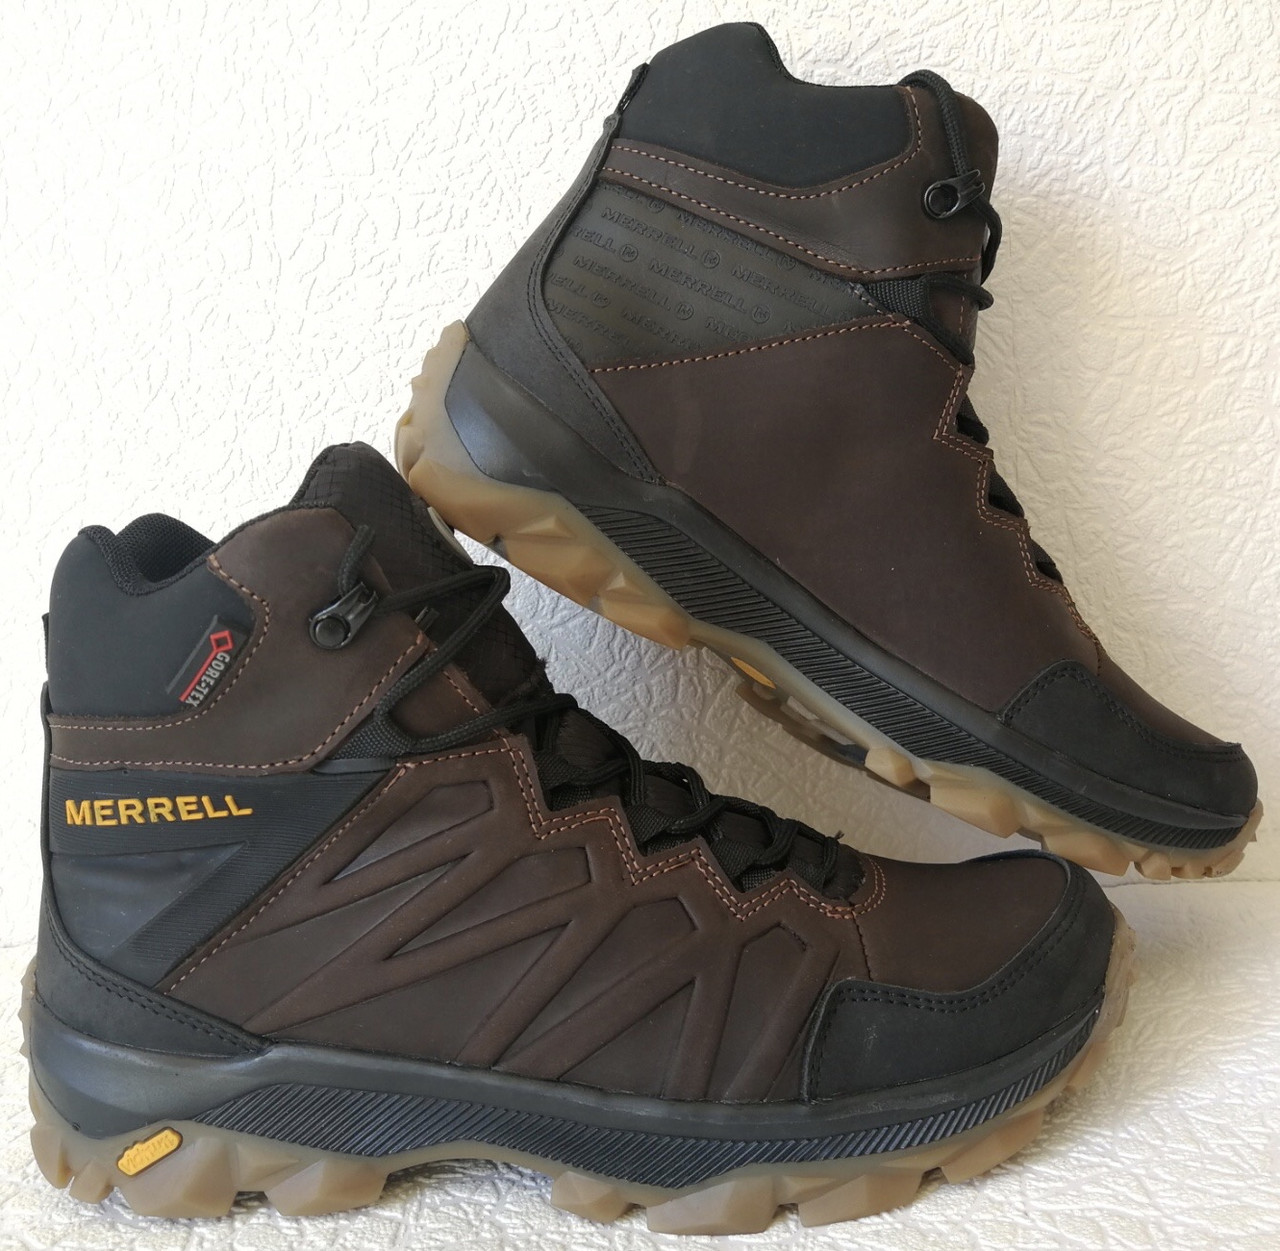 Тёплые ! Ботинки зимние мужские merrell кожаные коричневые